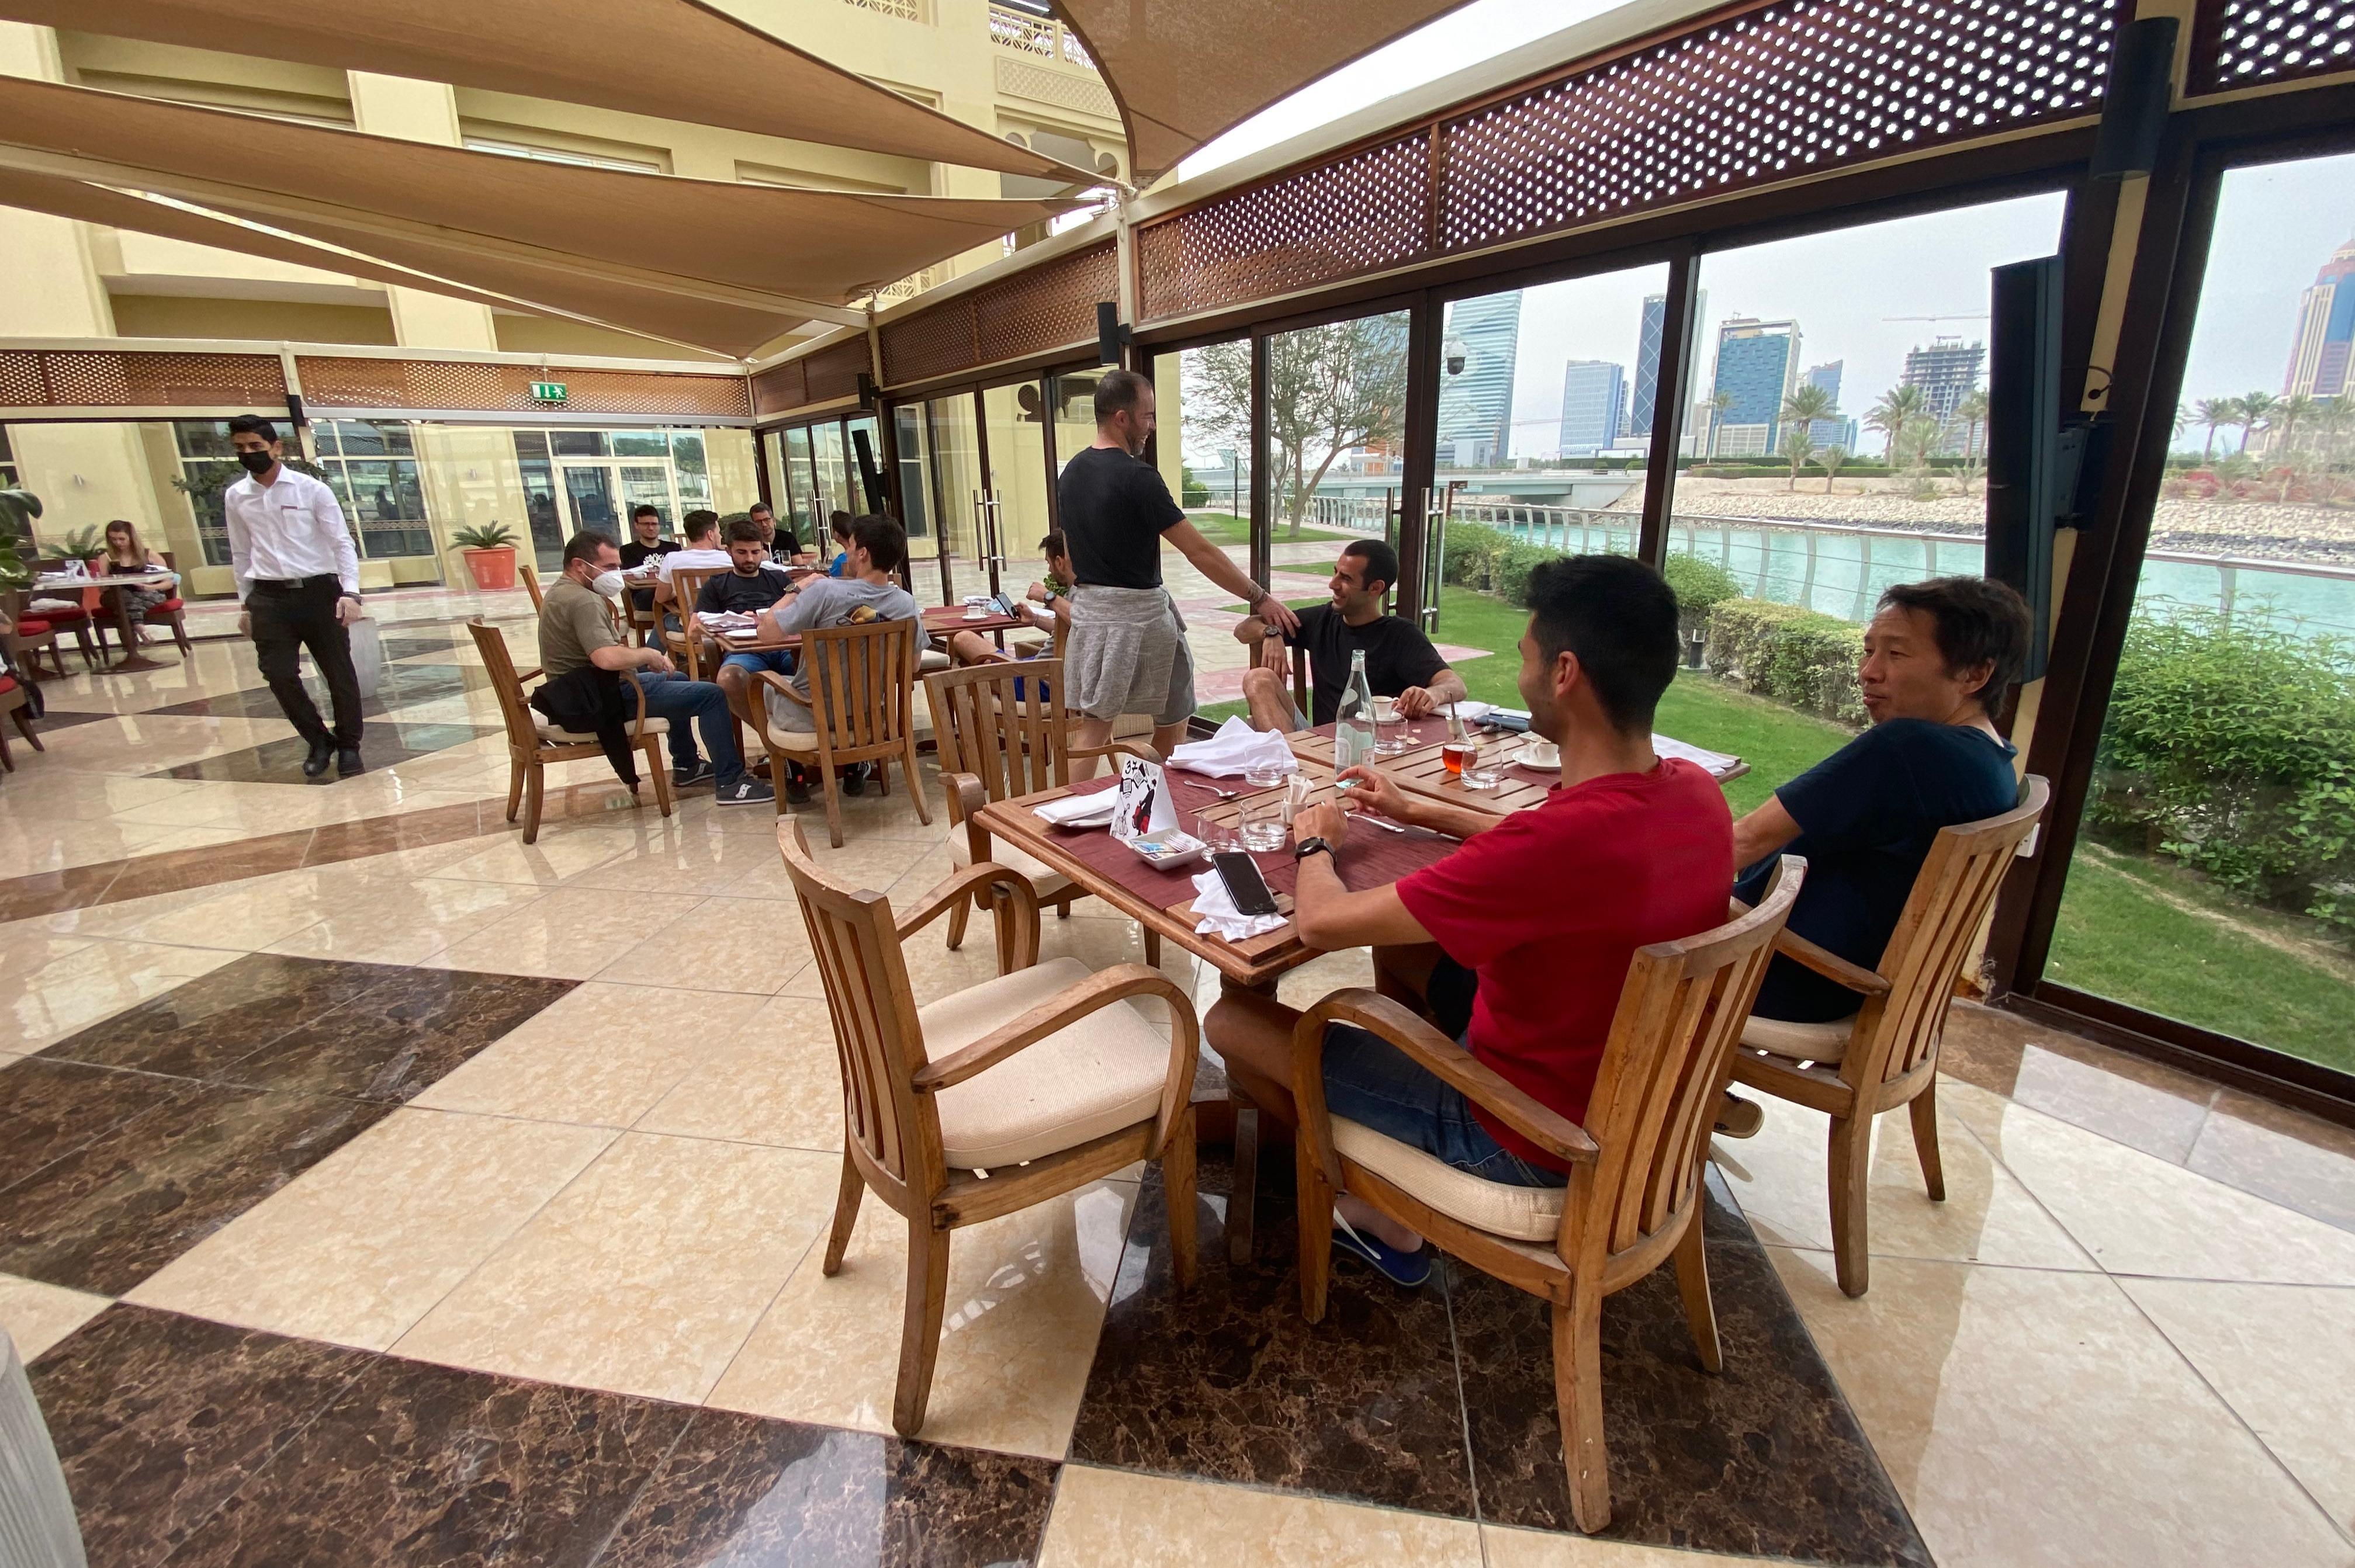 Momento del desayuno para el equipo Suzuki, en su estancia en Doha